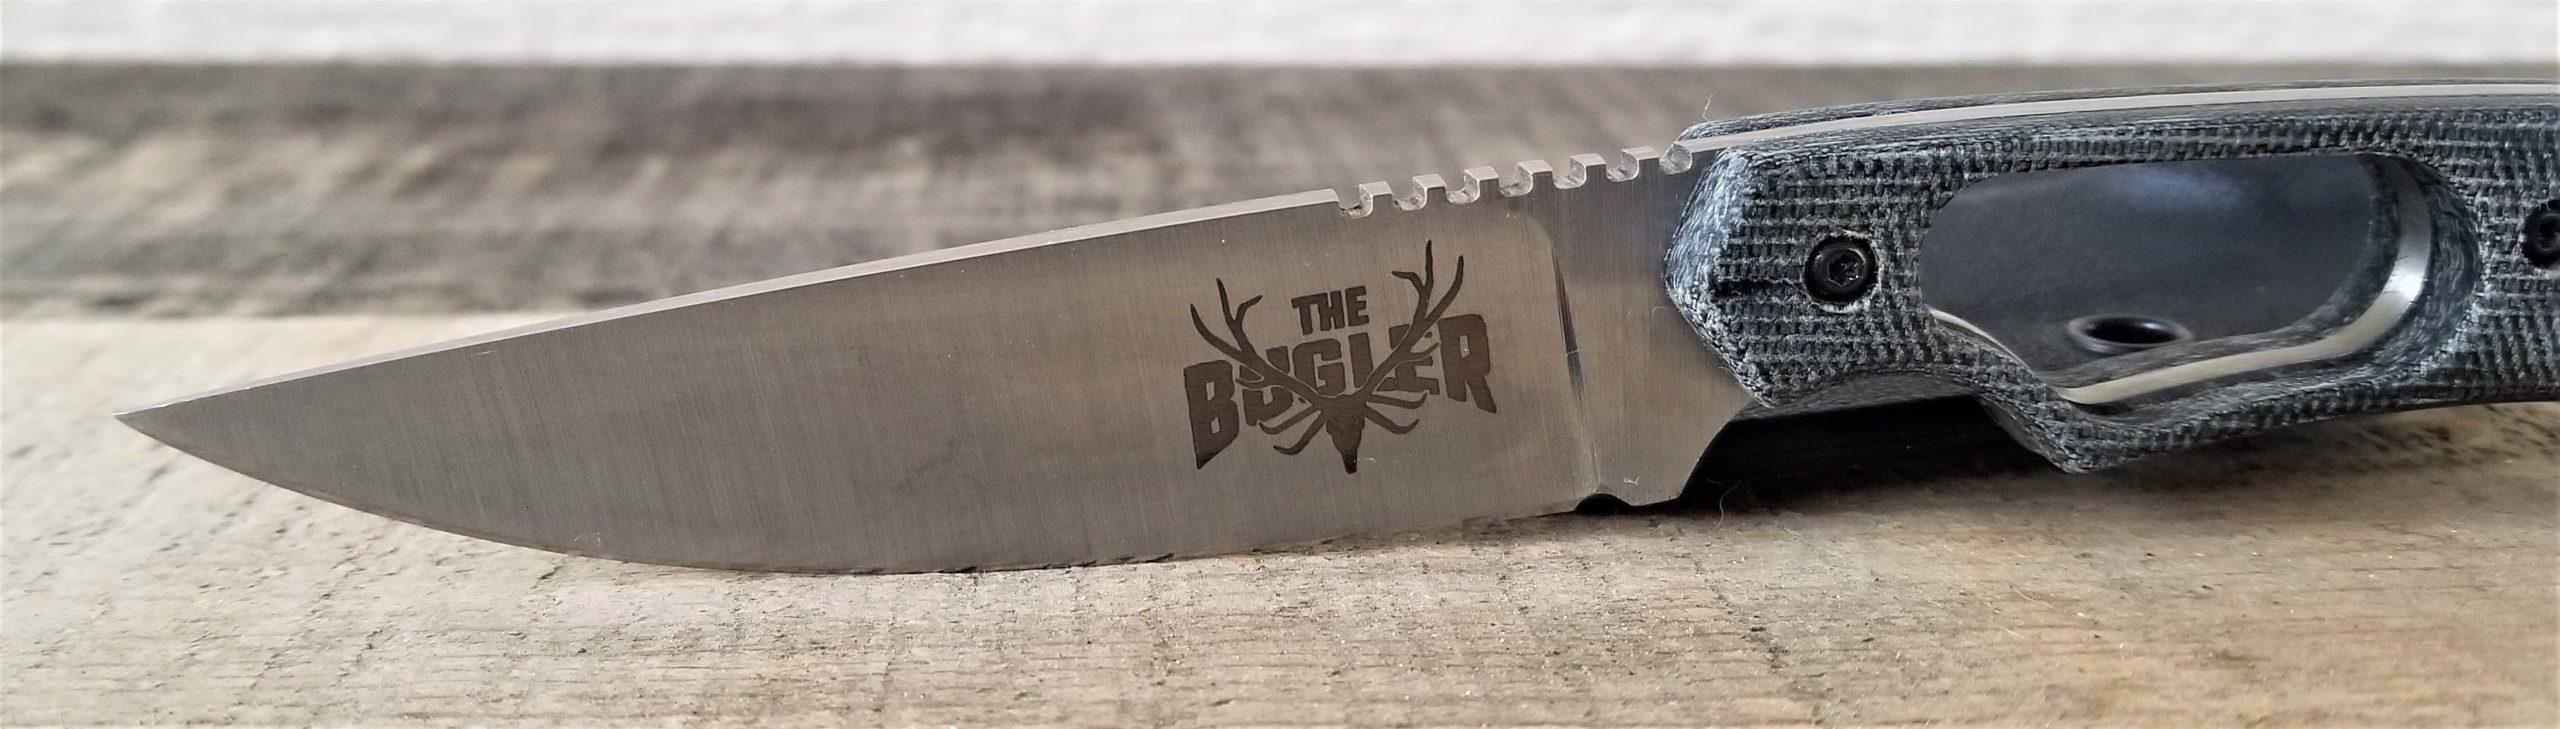 1.9 oz Bugler Blade Knife Review | Best Hunting Knives